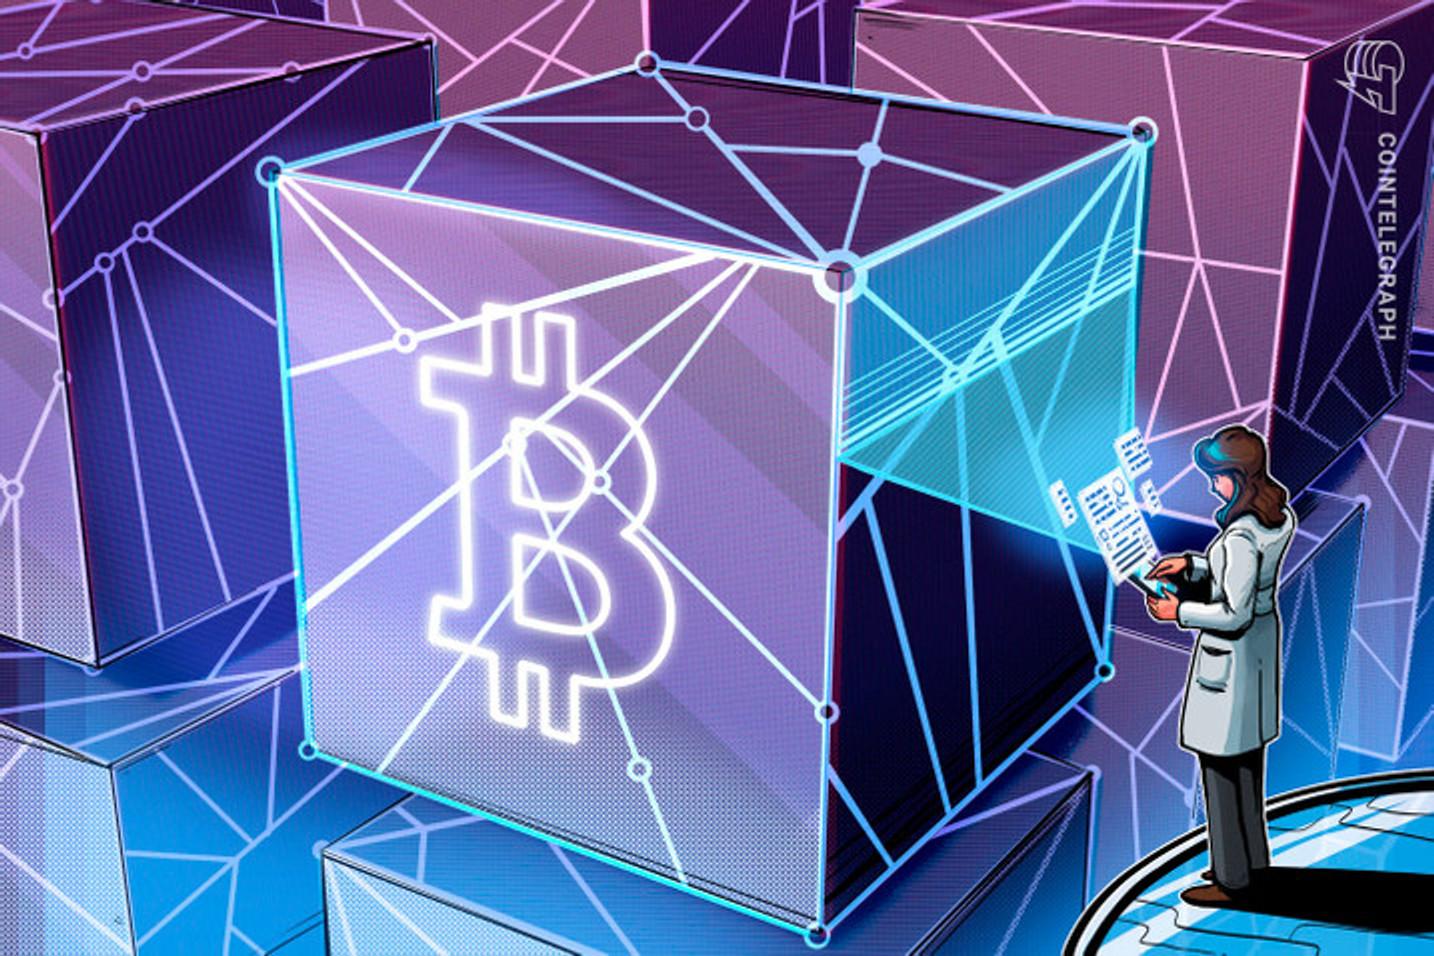 Cofundador de Criptan opina que se debe poner en valor a profesionales que están ayudando al ecosistema crypto